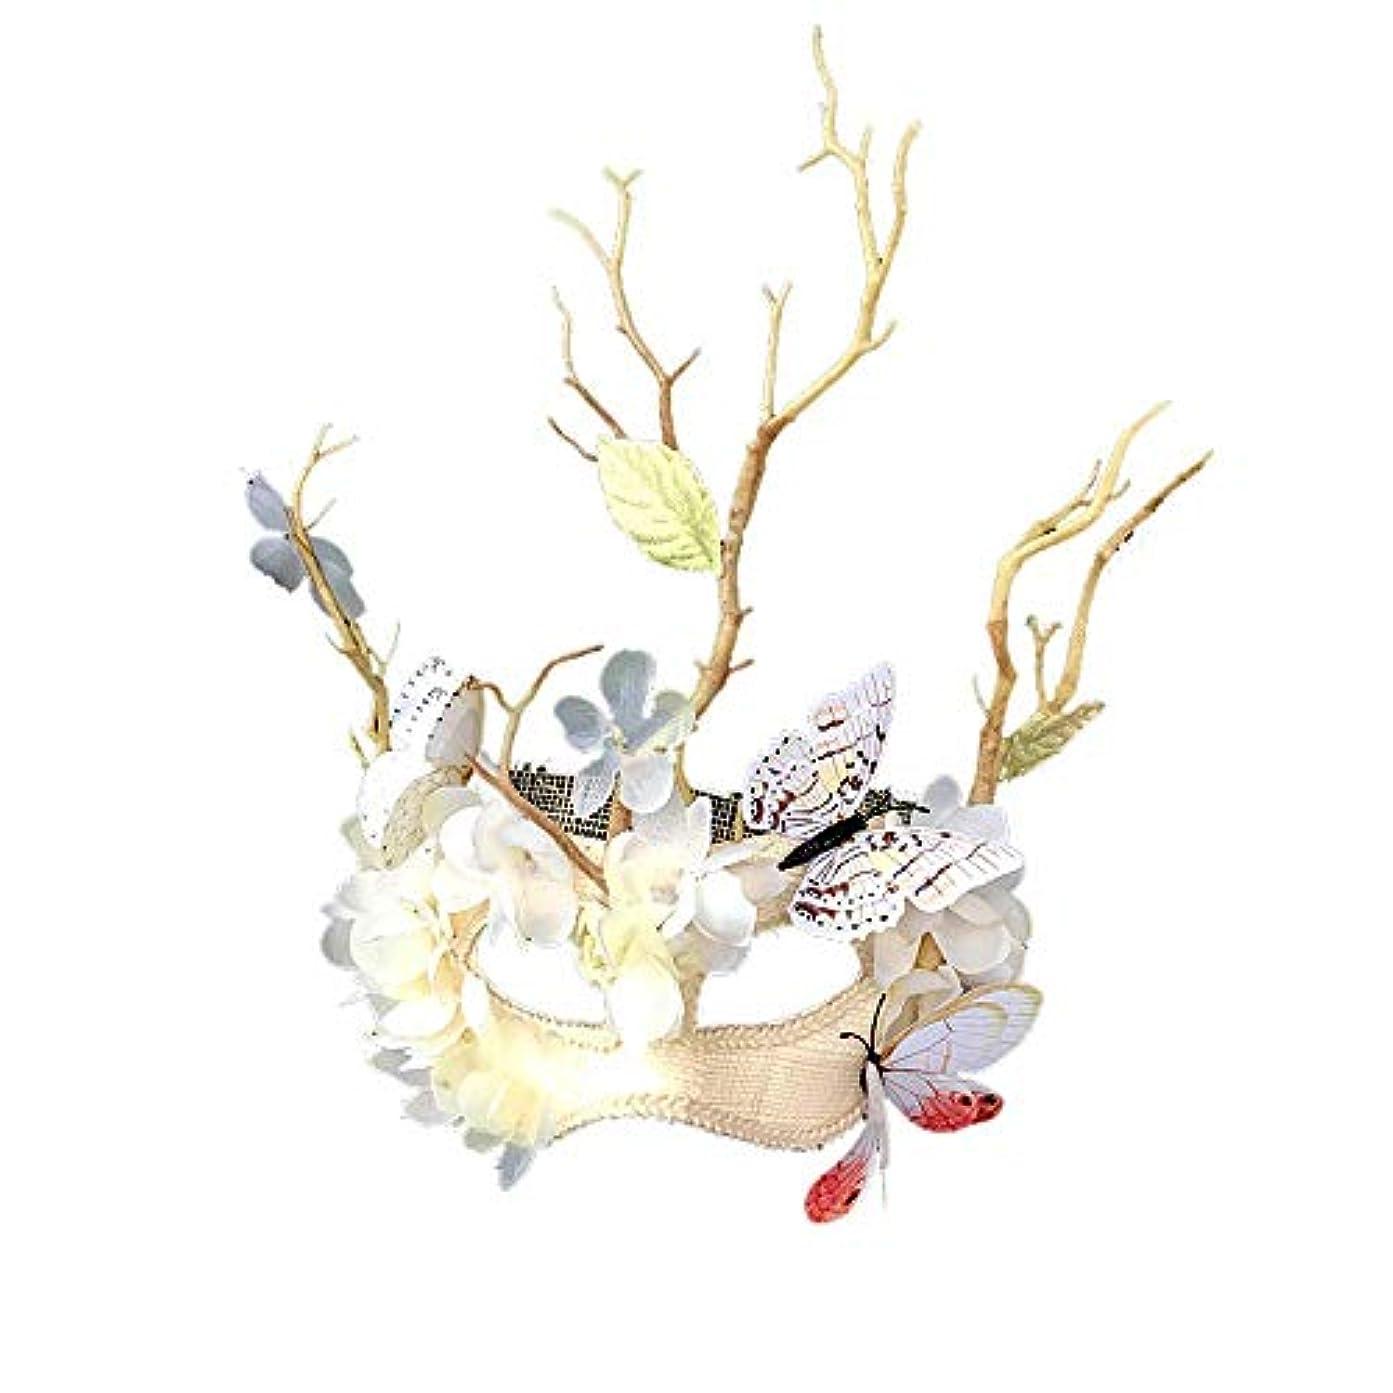 コンパイル不十分収束Nanle ハロウィンの蝶の木ブランチマスク仮装マスクレディミスプリンセス美容祭パーティーデコレーション (色 : ベージュ)